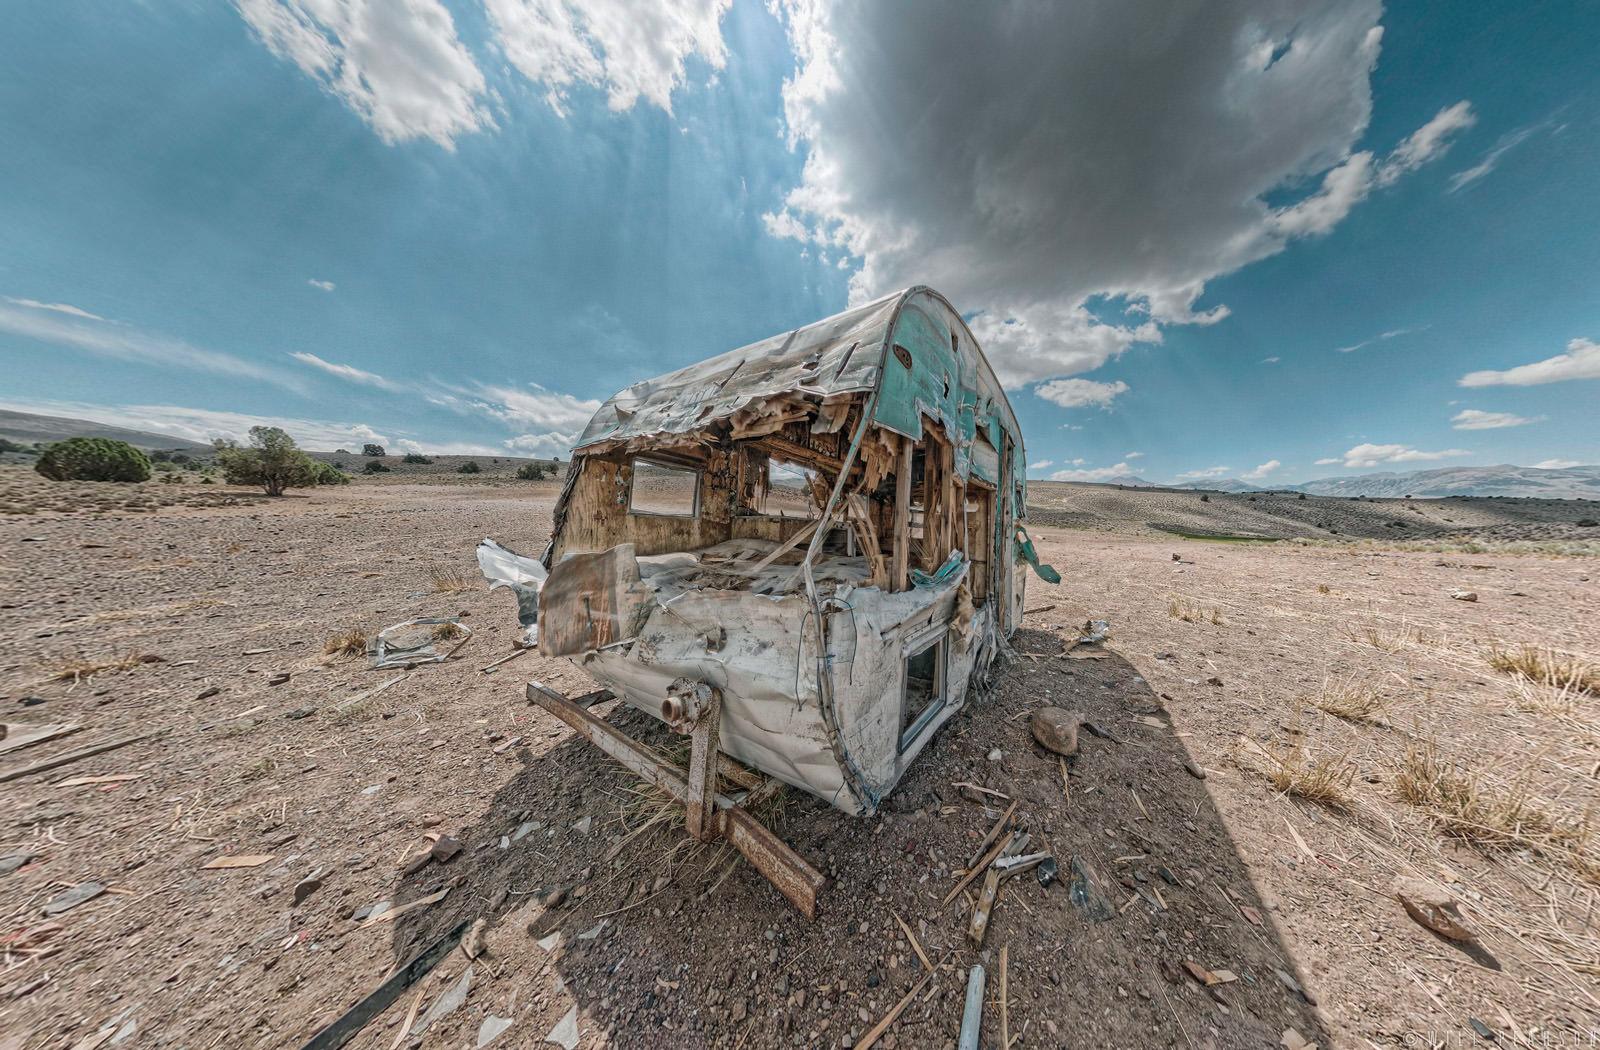 Derelict Caravan, Bodie, California